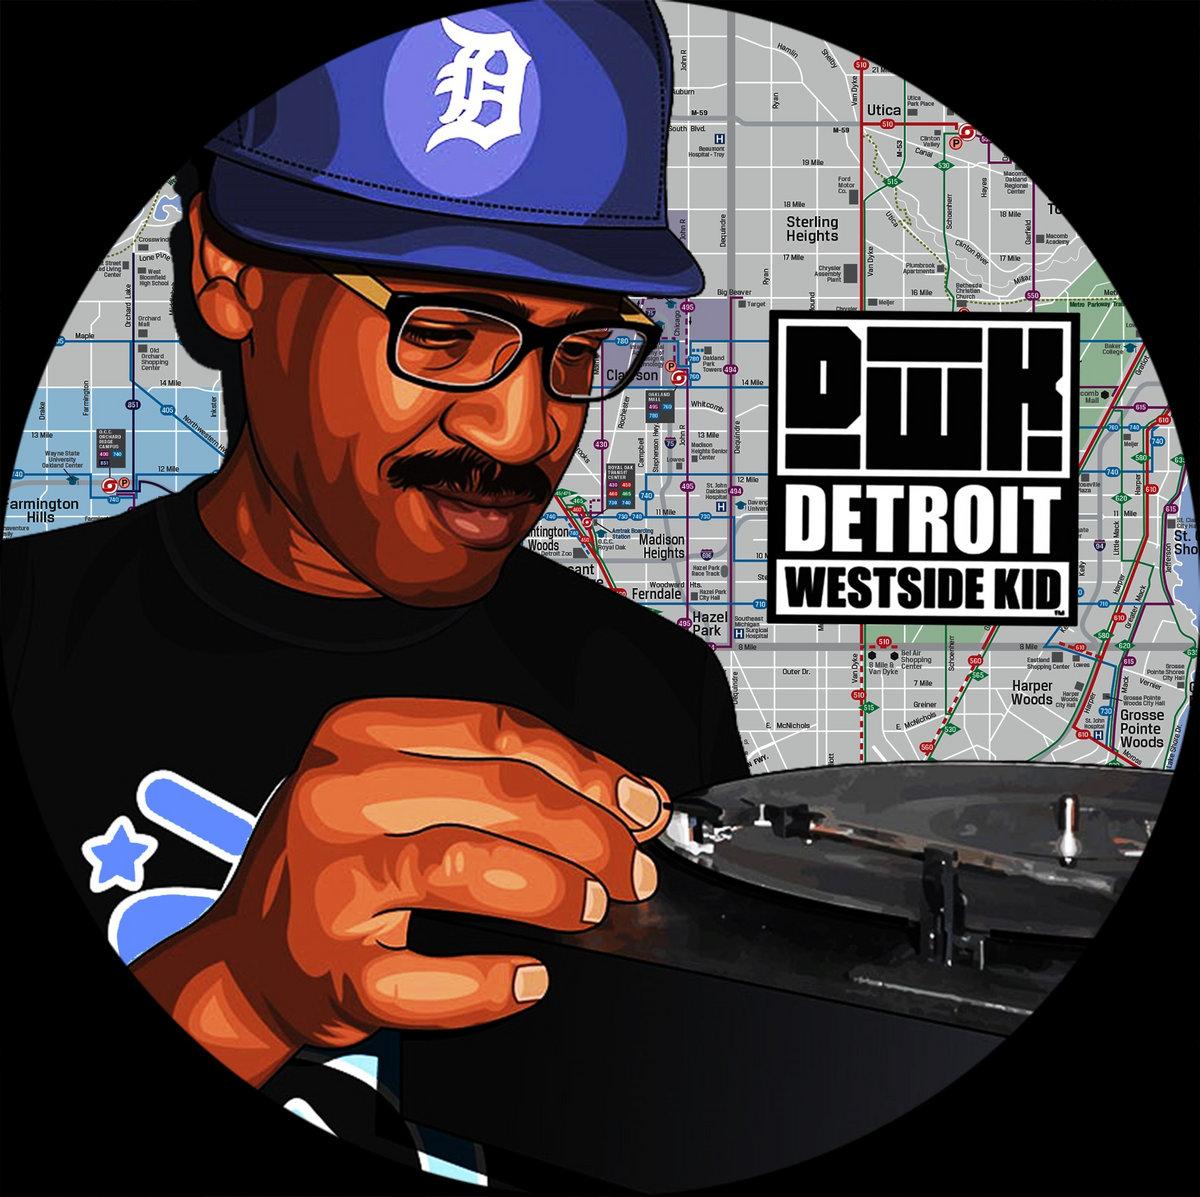 Detroit Westside Kid (Reggie Dokes) - Detroit Westside Kid EP (Detroit Westside Kid Records)